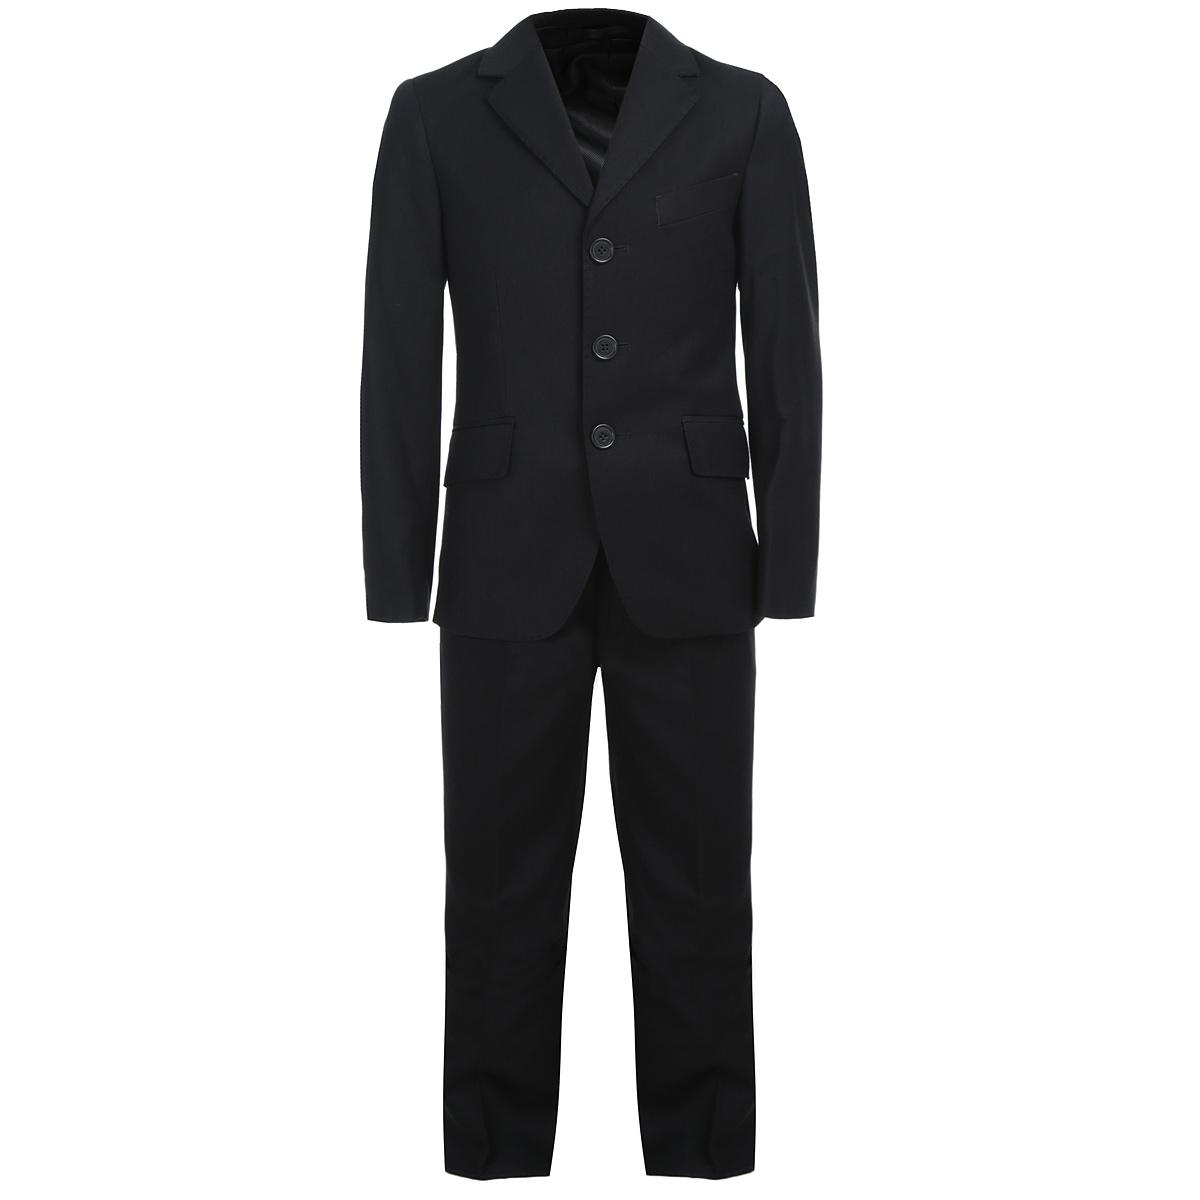 КостюмSS-B-B-0702_113Классический костюм для мальчика Silver Spoon, состоящий из пиджака и брюк, - основа делового стиля, а значит и в школьном гардеробе ребенка - это базовый атрибут, необходимый для будней и праздников. Изготовленный из высококачественного материала с добавлением вискозы, он необычайно мягкий и приятный на ощупь, не сковывает движения и позволяет коже дышать, не раздражает даже самую нежную и чувствительную кожу ребенка, обеспечивая ему наибольший комфорт. На подкладке используется гладкая подкладочная ткань. Классический пиджак с лацканами застегивается на три пуговицы. Спереди он дополнен двумя прорезными карманами с клапанами и одним нагрудным прорезным кармашком. Сзади имеются две шлицы. Рукава понизу декорированы пуговками. С внутренней стороны модель также дополнена прорезными кармашками. Внутренняя обработка пиджака, сделанная по самым высоким стандартам мужской моды, придает костюму солидность. Классические брюки прямого покроя со стрелками на талии застегиваются...